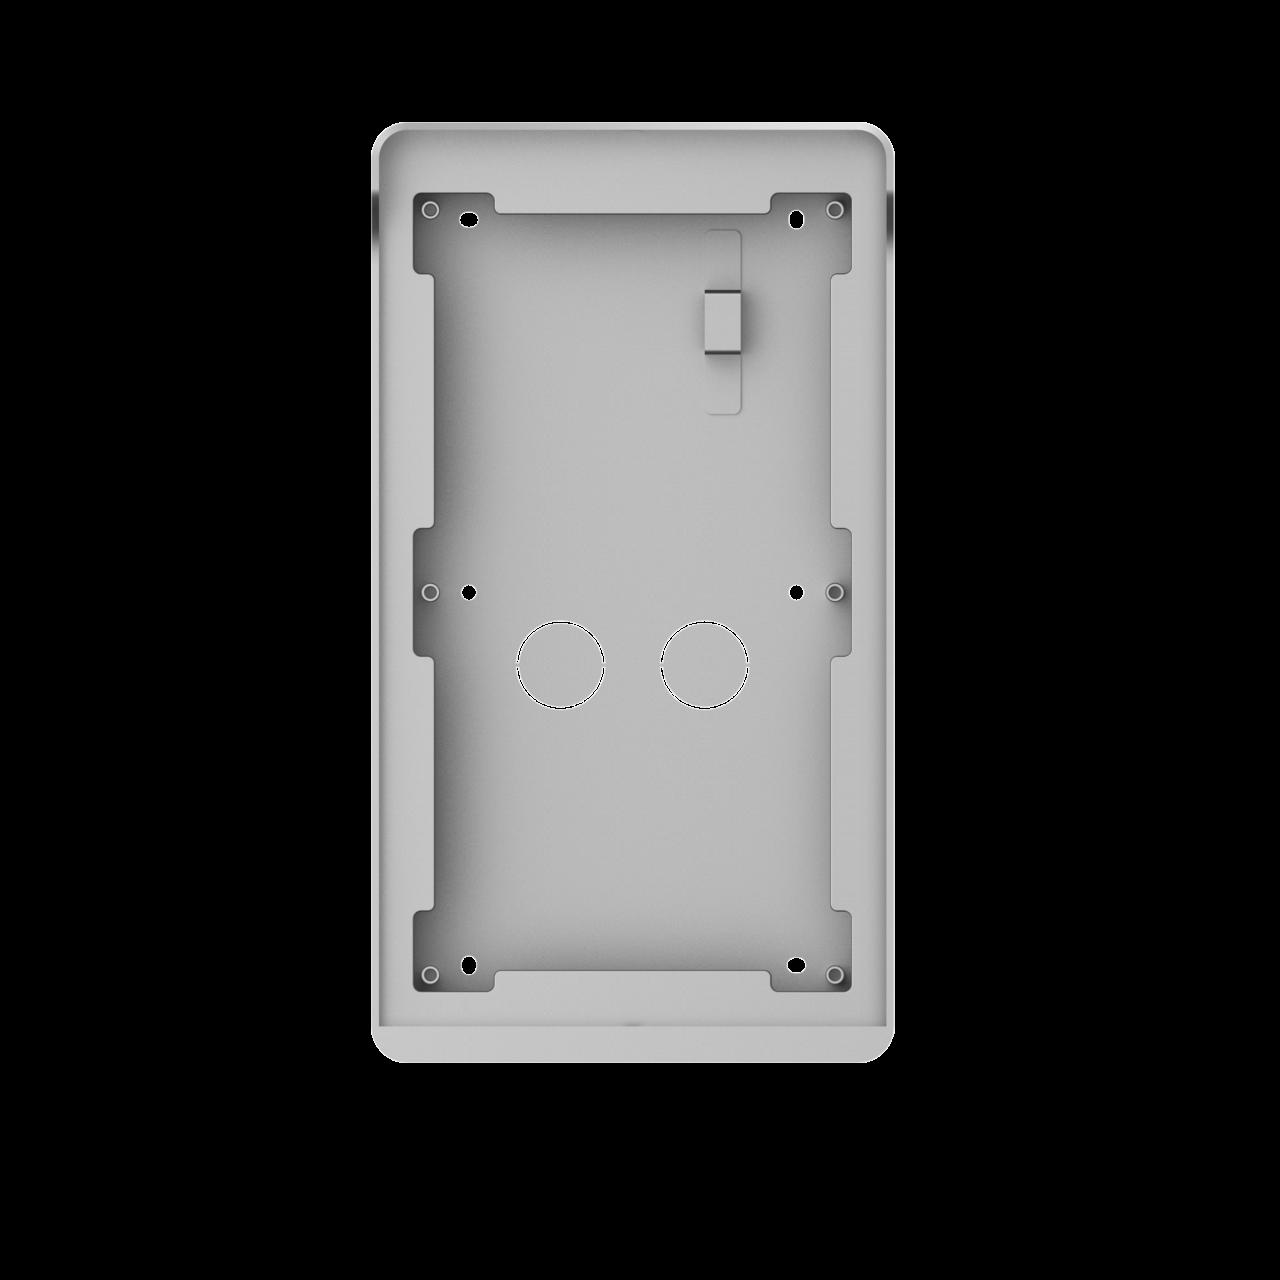 TURM IP Video Türsprechanlage Aufputz Montagerahmen für die modulare Außenstation mit zwei Modulen